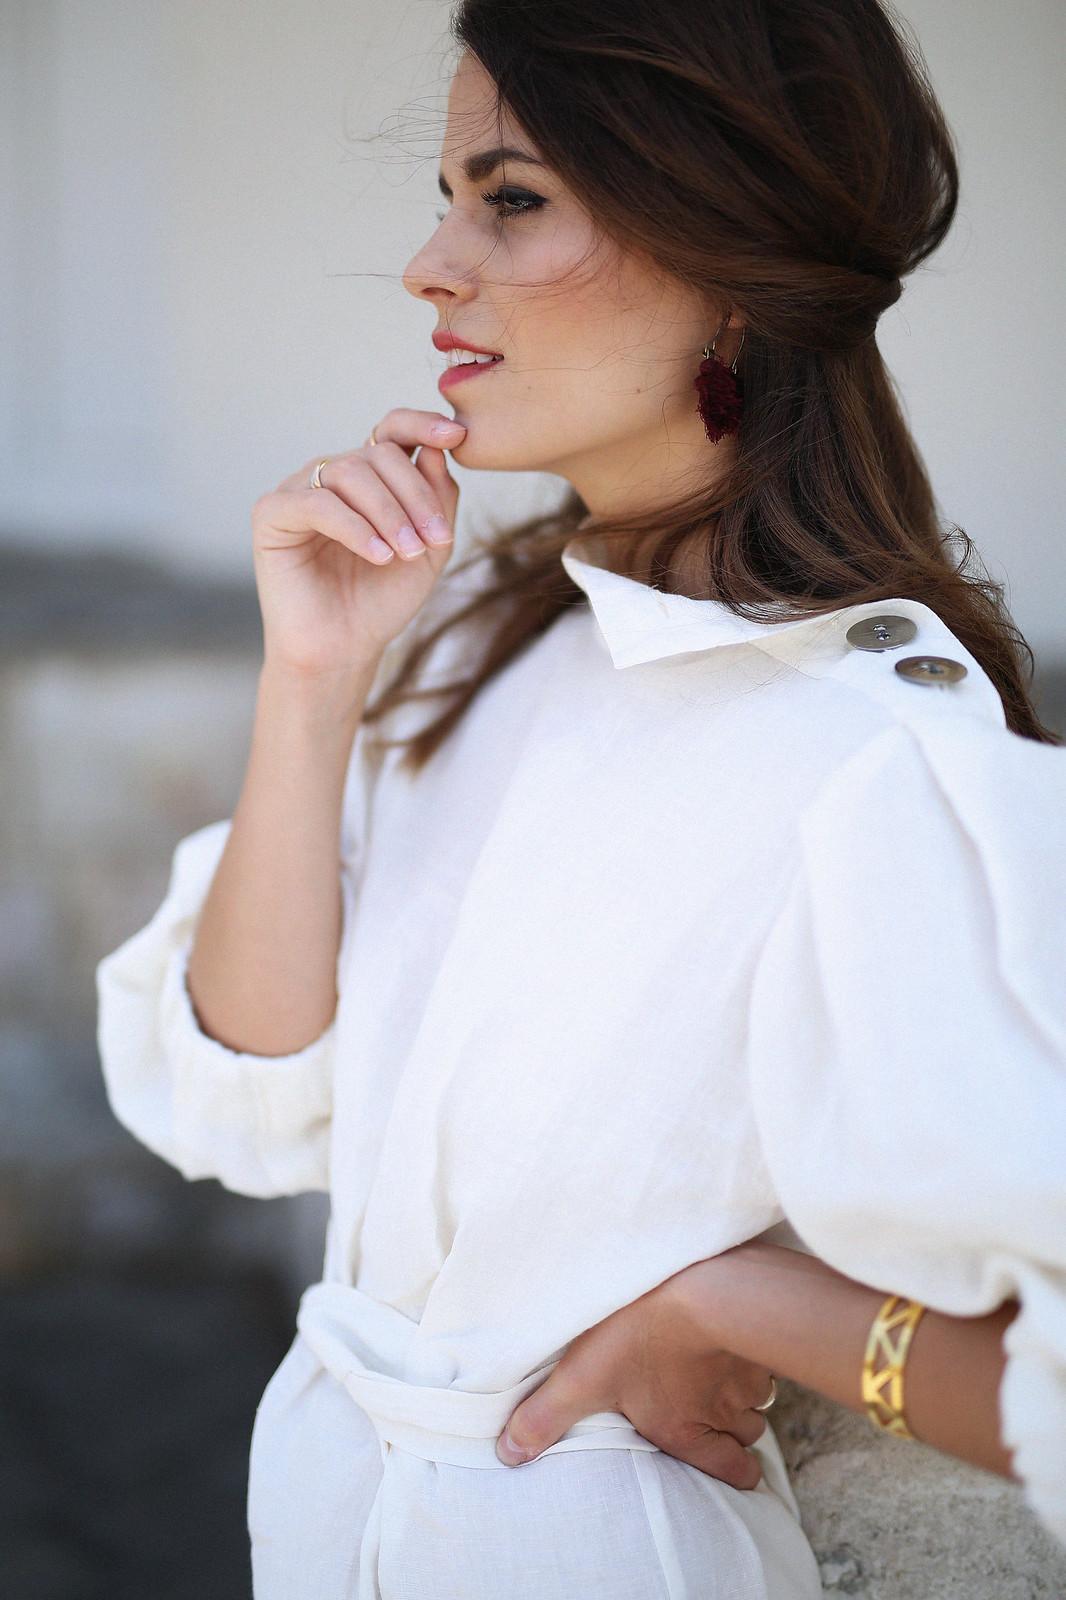 jessie chanes seams for a desire zara vestido lino capazo rafia-13